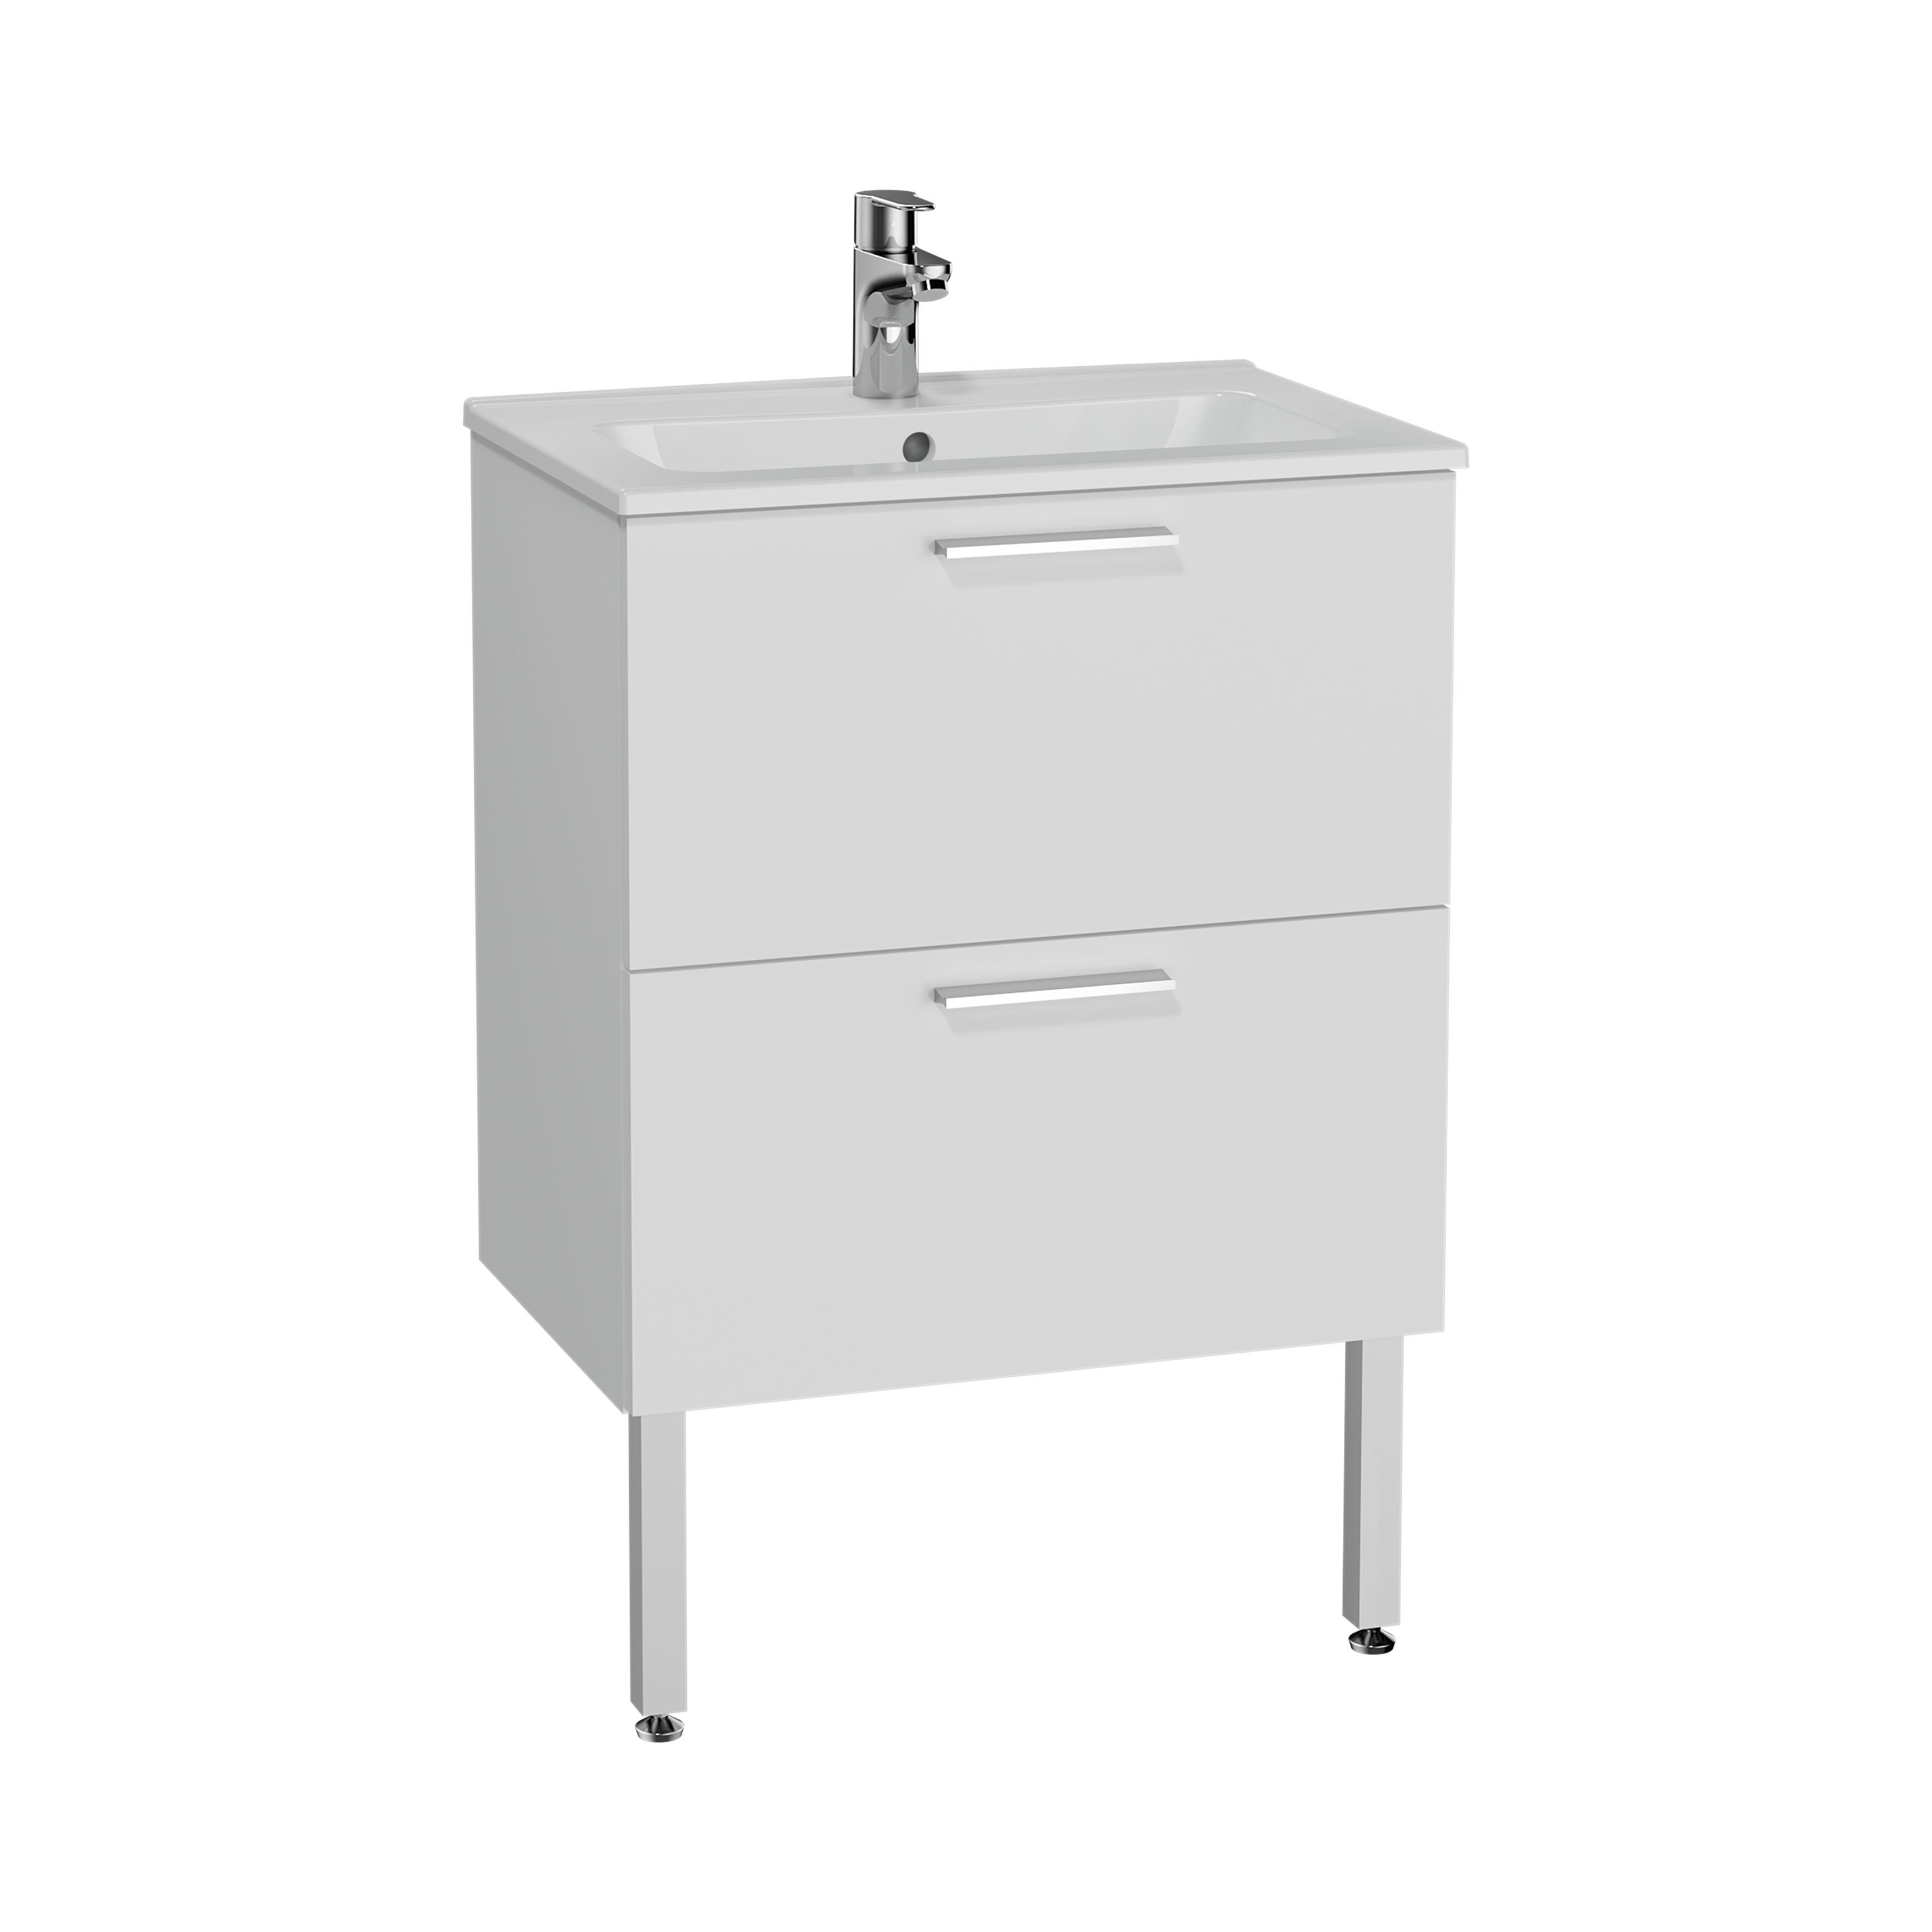 Mia set de meuble, avec 2 tiroirs, sans miroir et éclairage, 60 cm, blanc